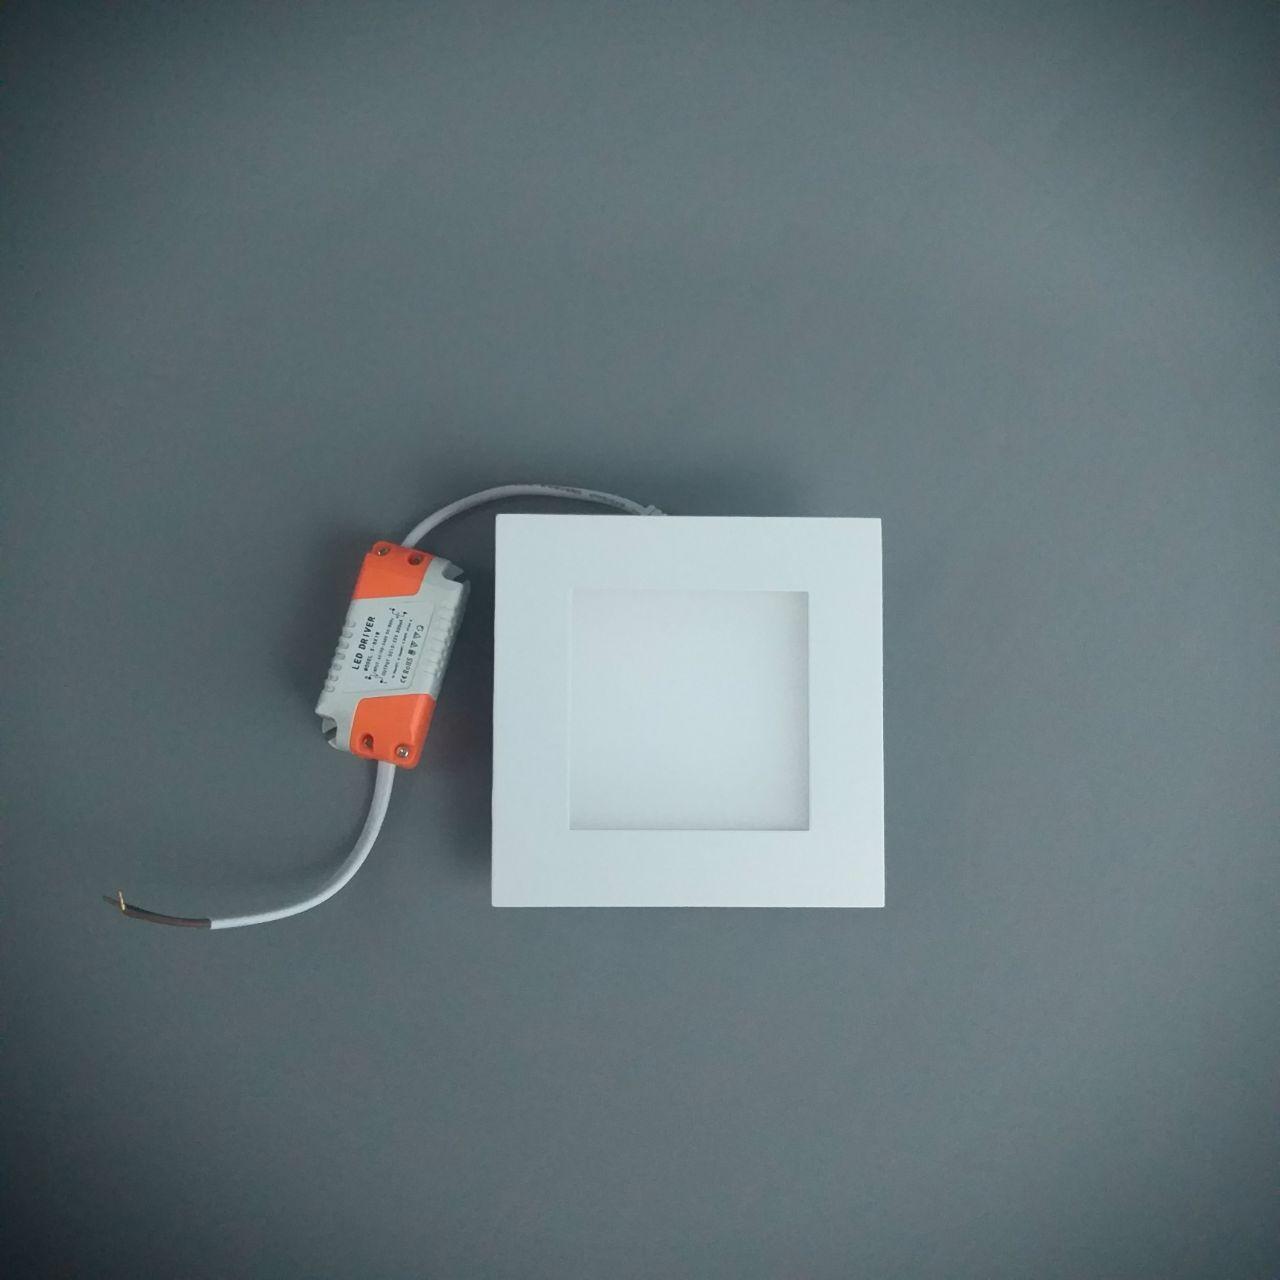 Светодиодная панель S01015.1 WW 120x120 3000K 8W